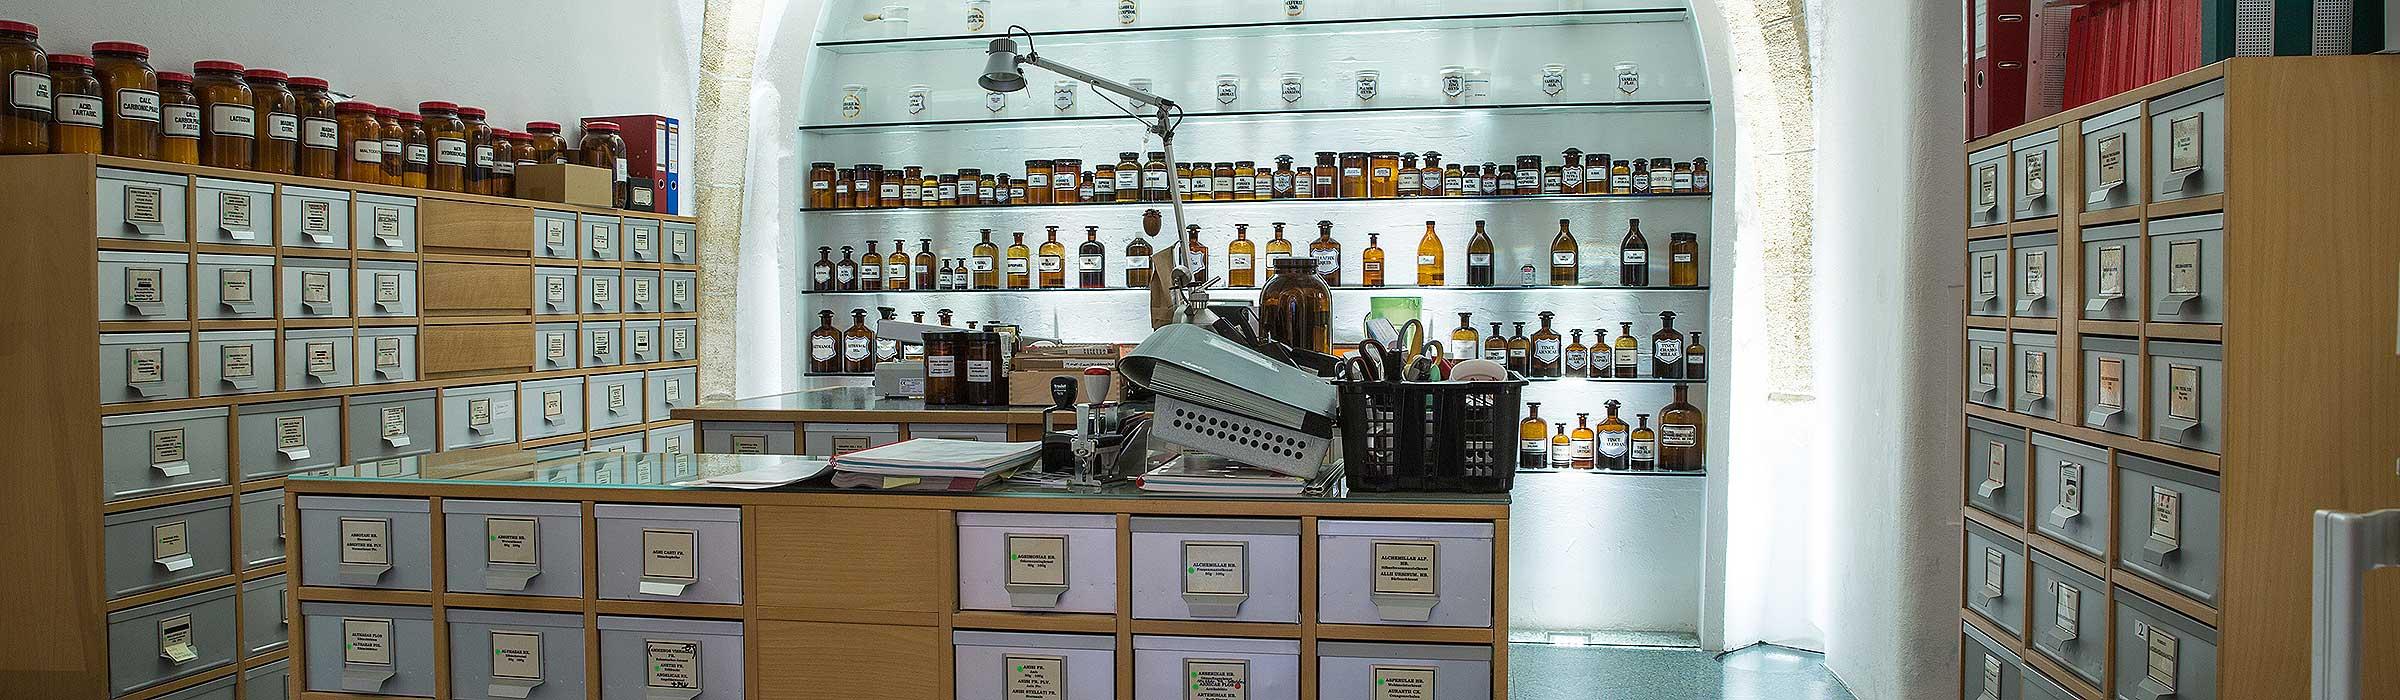 Alte Kronen Apotheke . Tradition und moderne Pharmazie ist kein Widerspruch